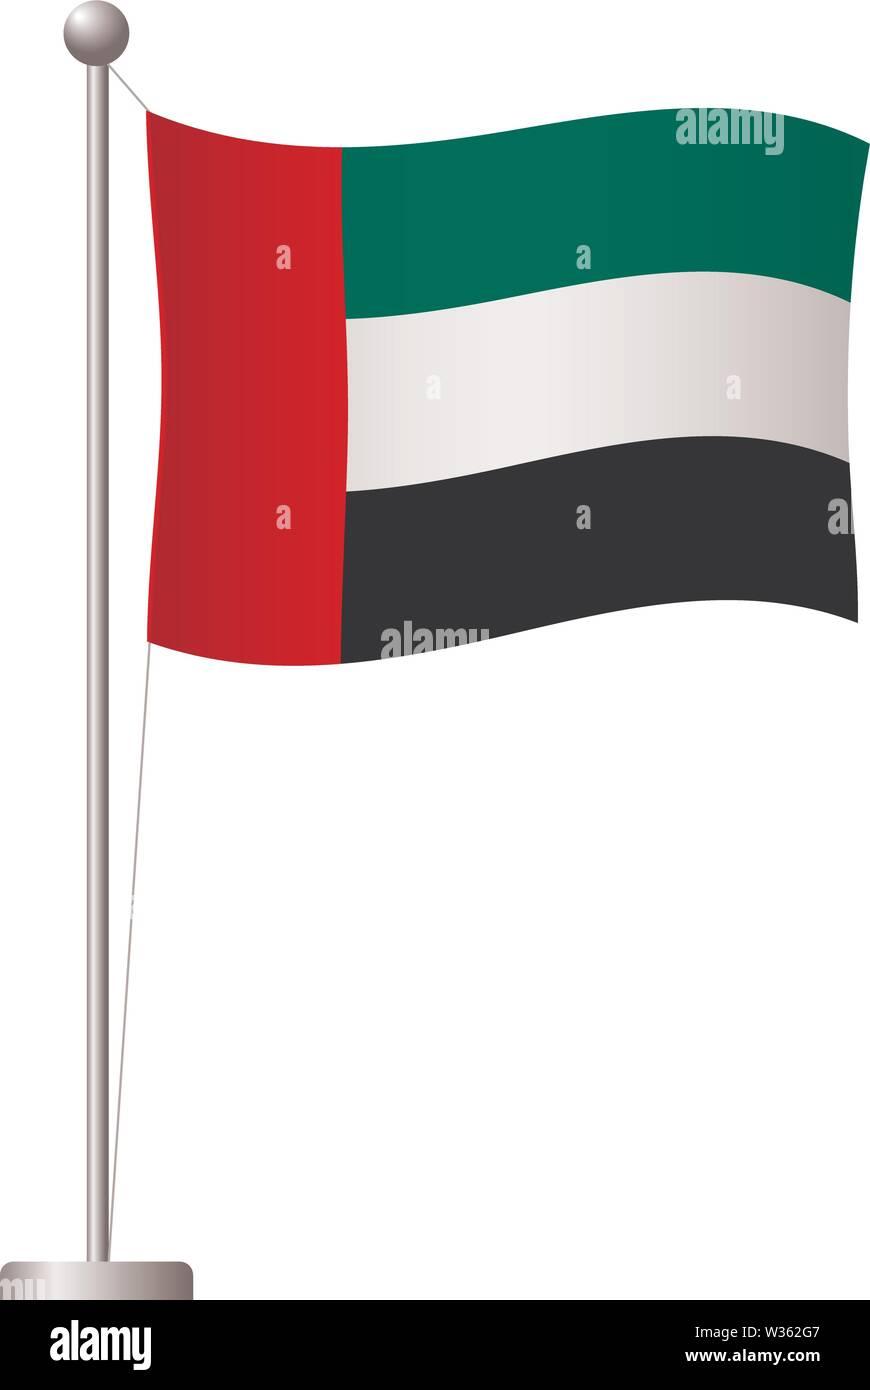 Vereinigte Arabische Emirate Fahne auf der Pole. Metall Fahnenmast. Die Flagge der Vereinigten Arabischen Vector Illustration Stockbild